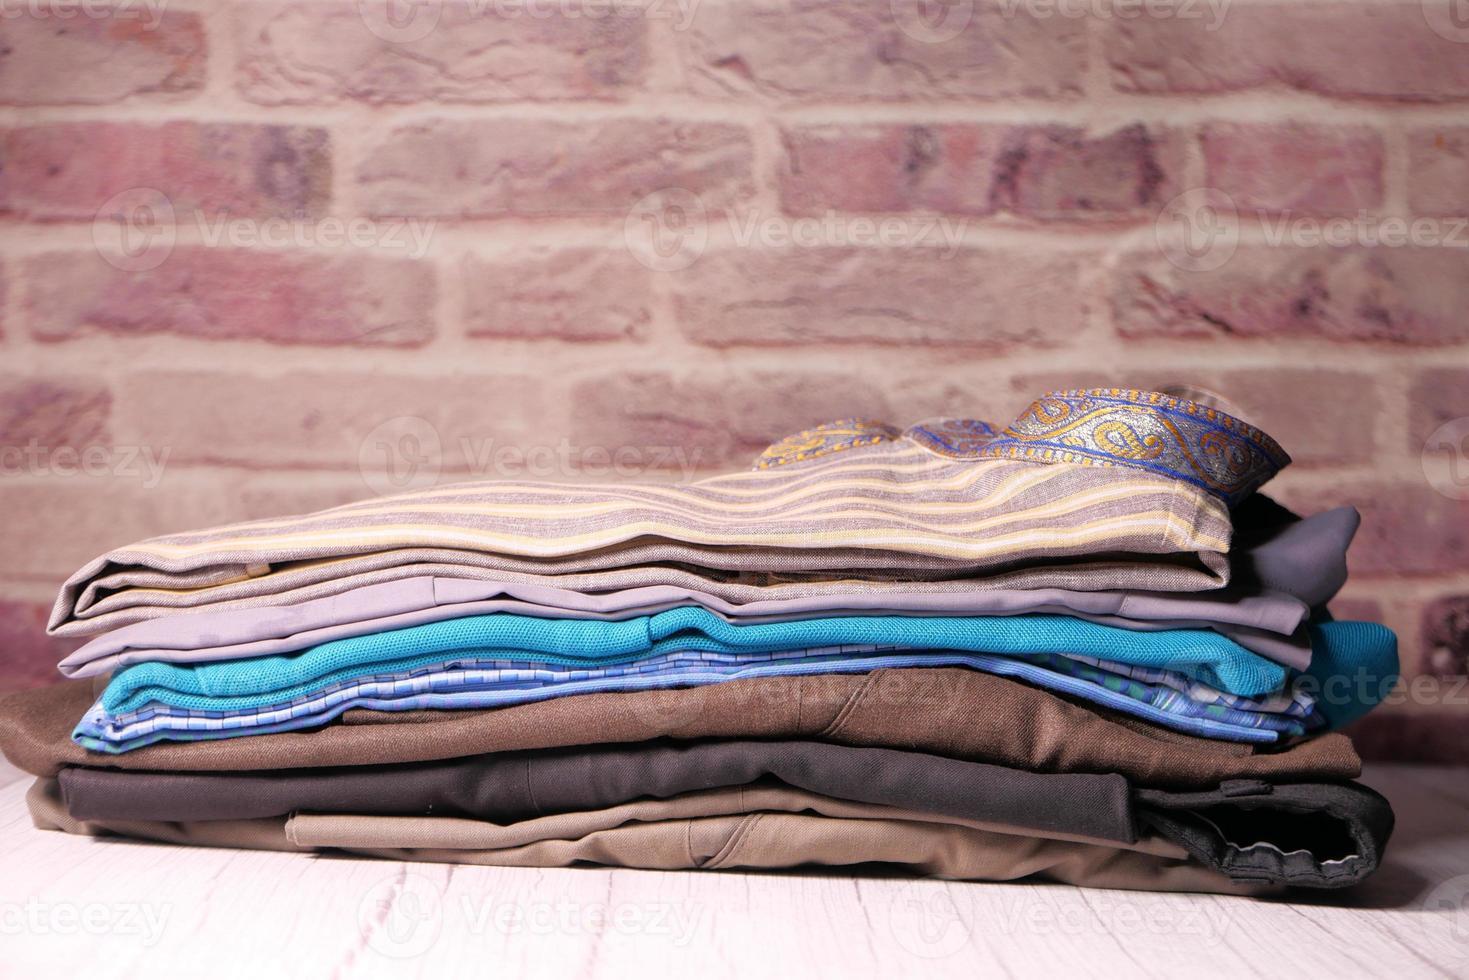 gevouwen stapel overhemden foto